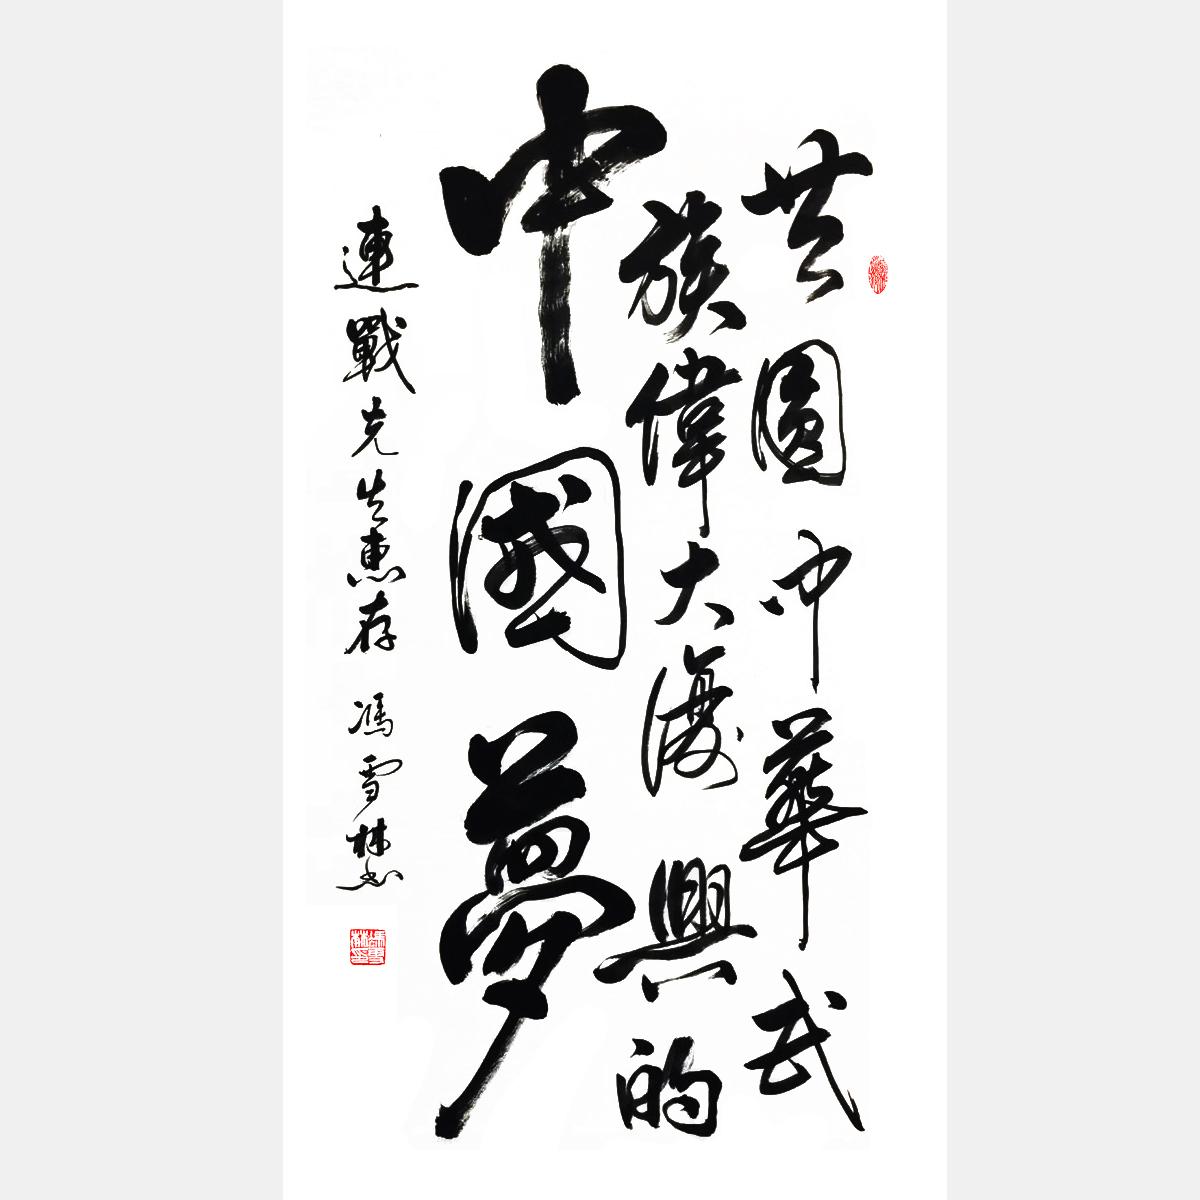 冯雪林行书 共圆中华民族伟大复兴中国梦